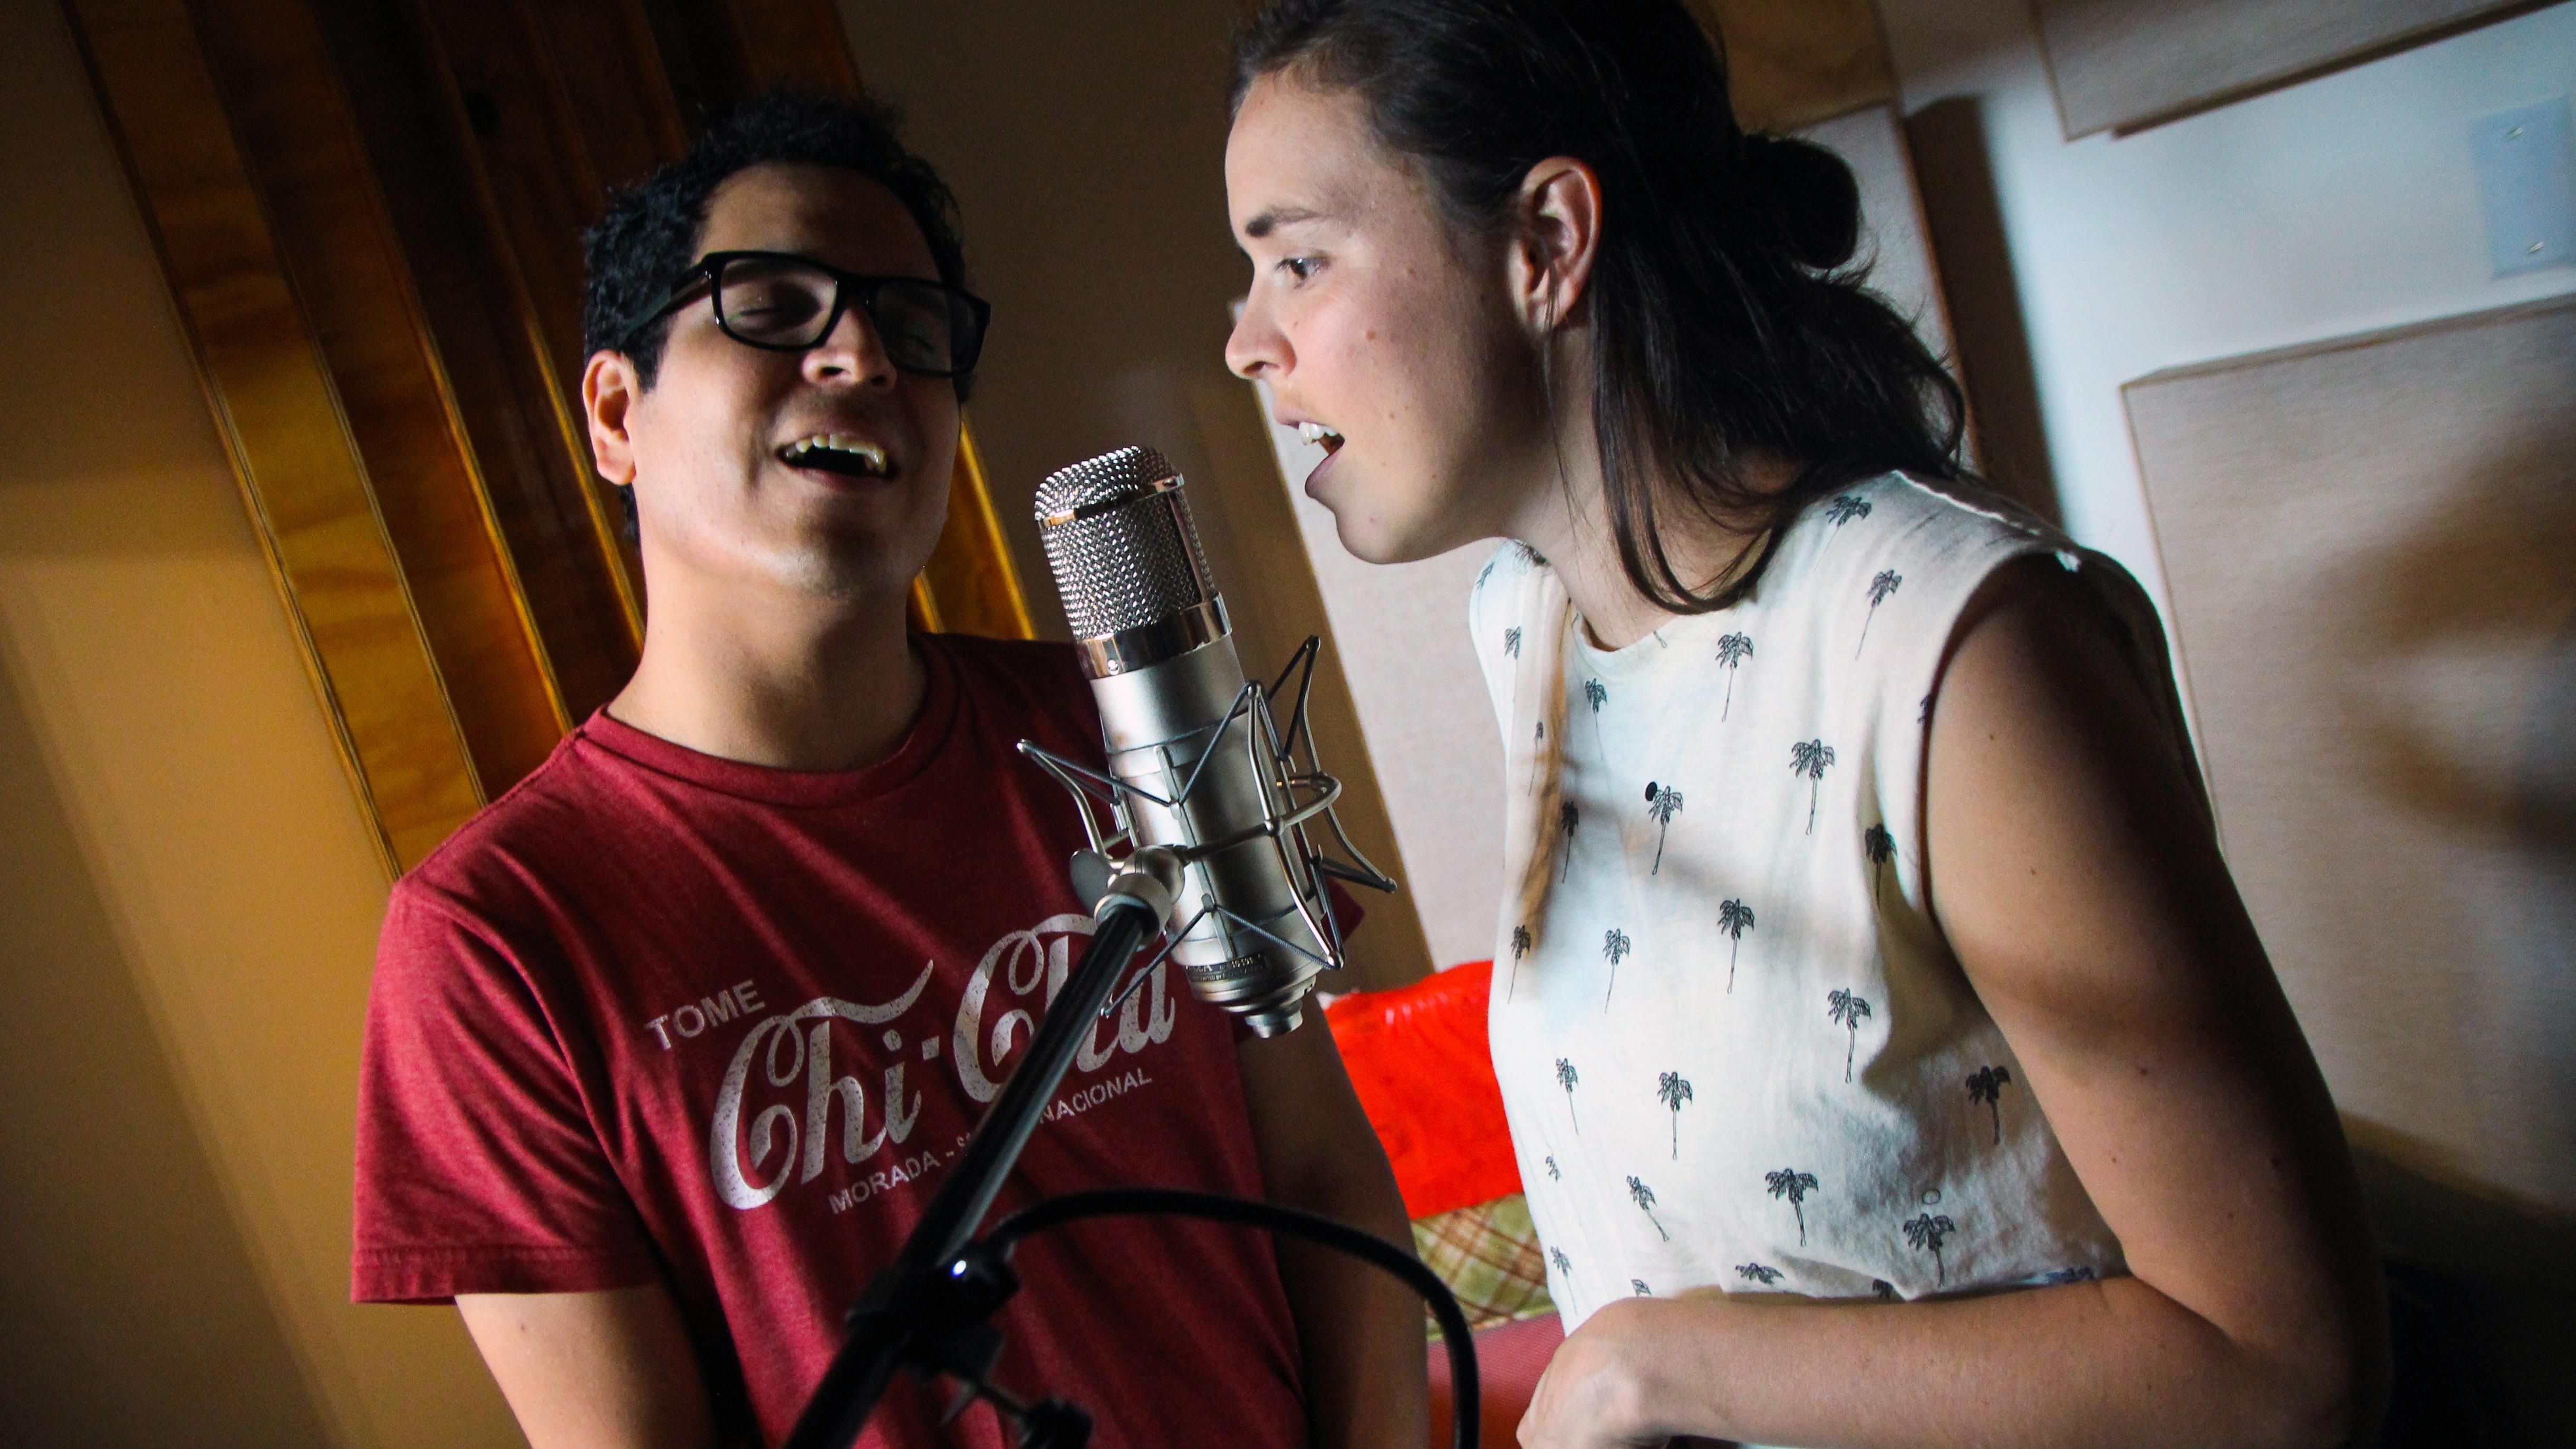 Alejandro Rivas y Maria Laura Bustamante ofrecerán un concierto esta noche por San Valentín. Las entradas ya están agotadas.